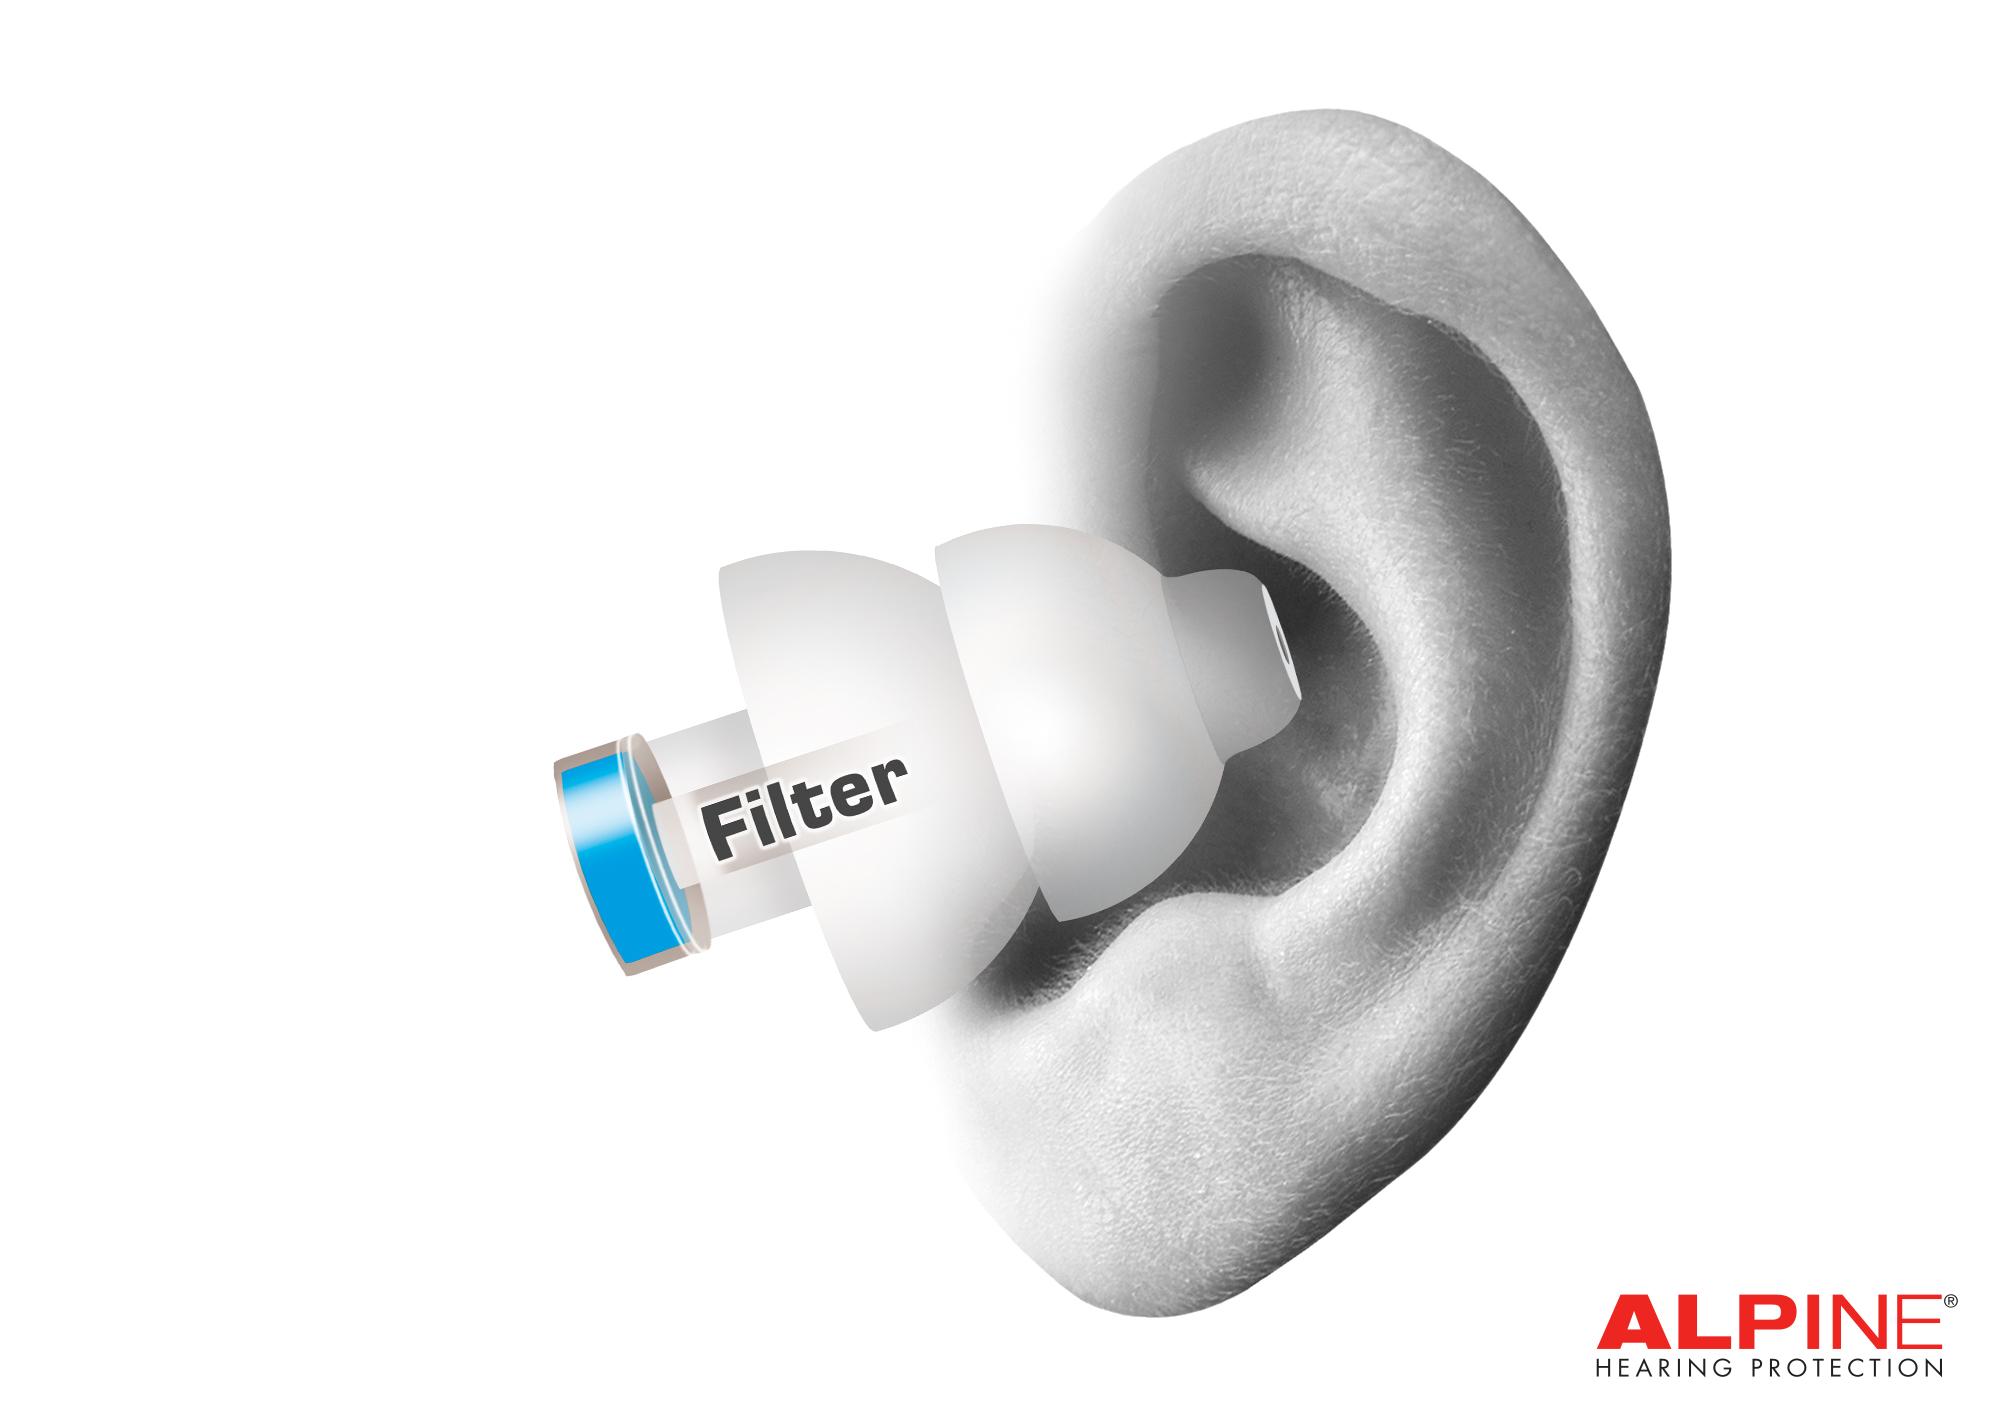 alpine-surfsafe-earplug-in-front-of-ear